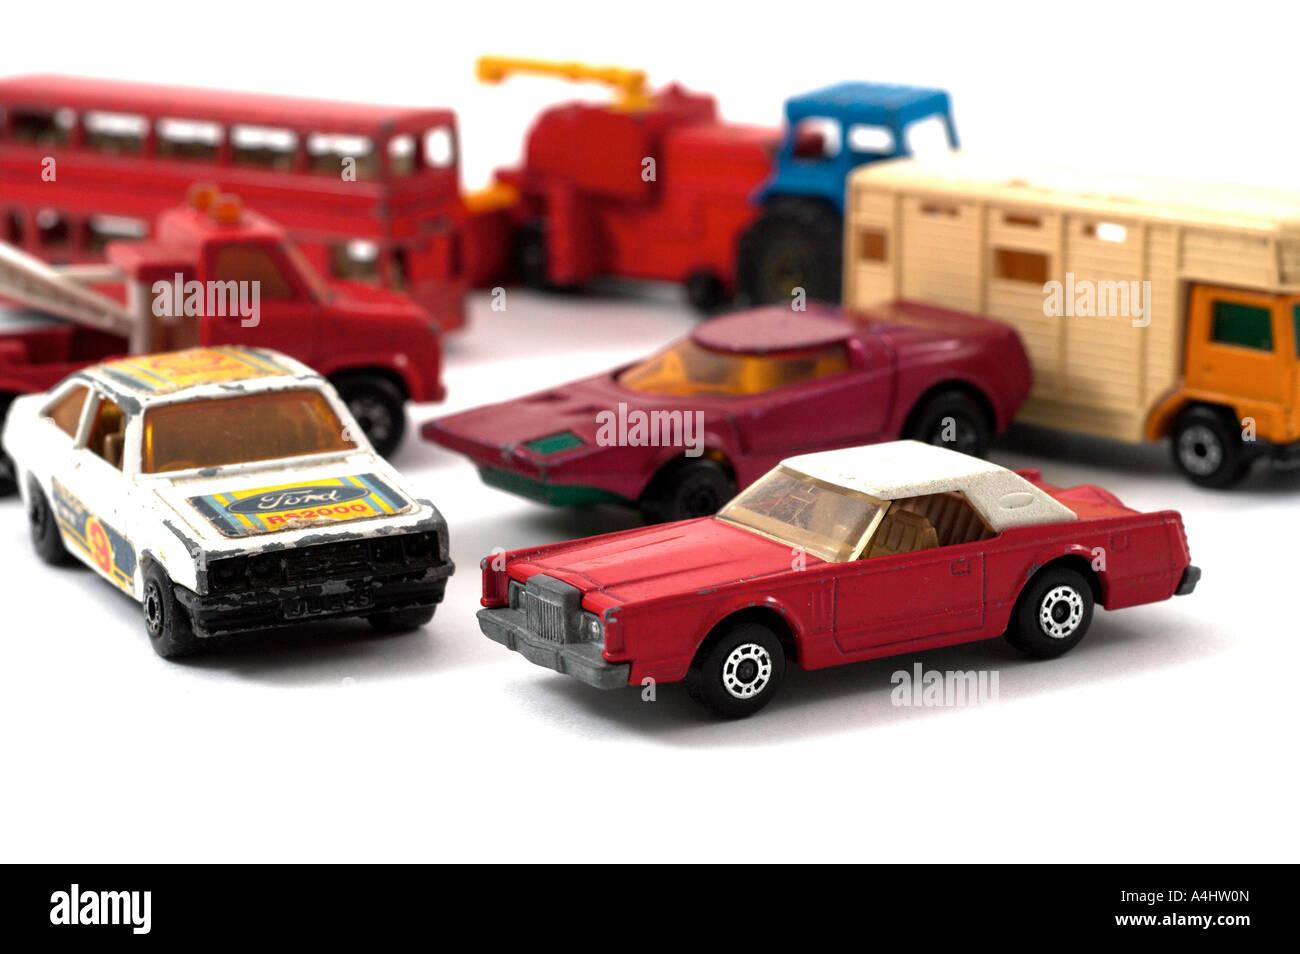 Sammelbares Spielzeugauto Stockfotos & Sammelbares ...